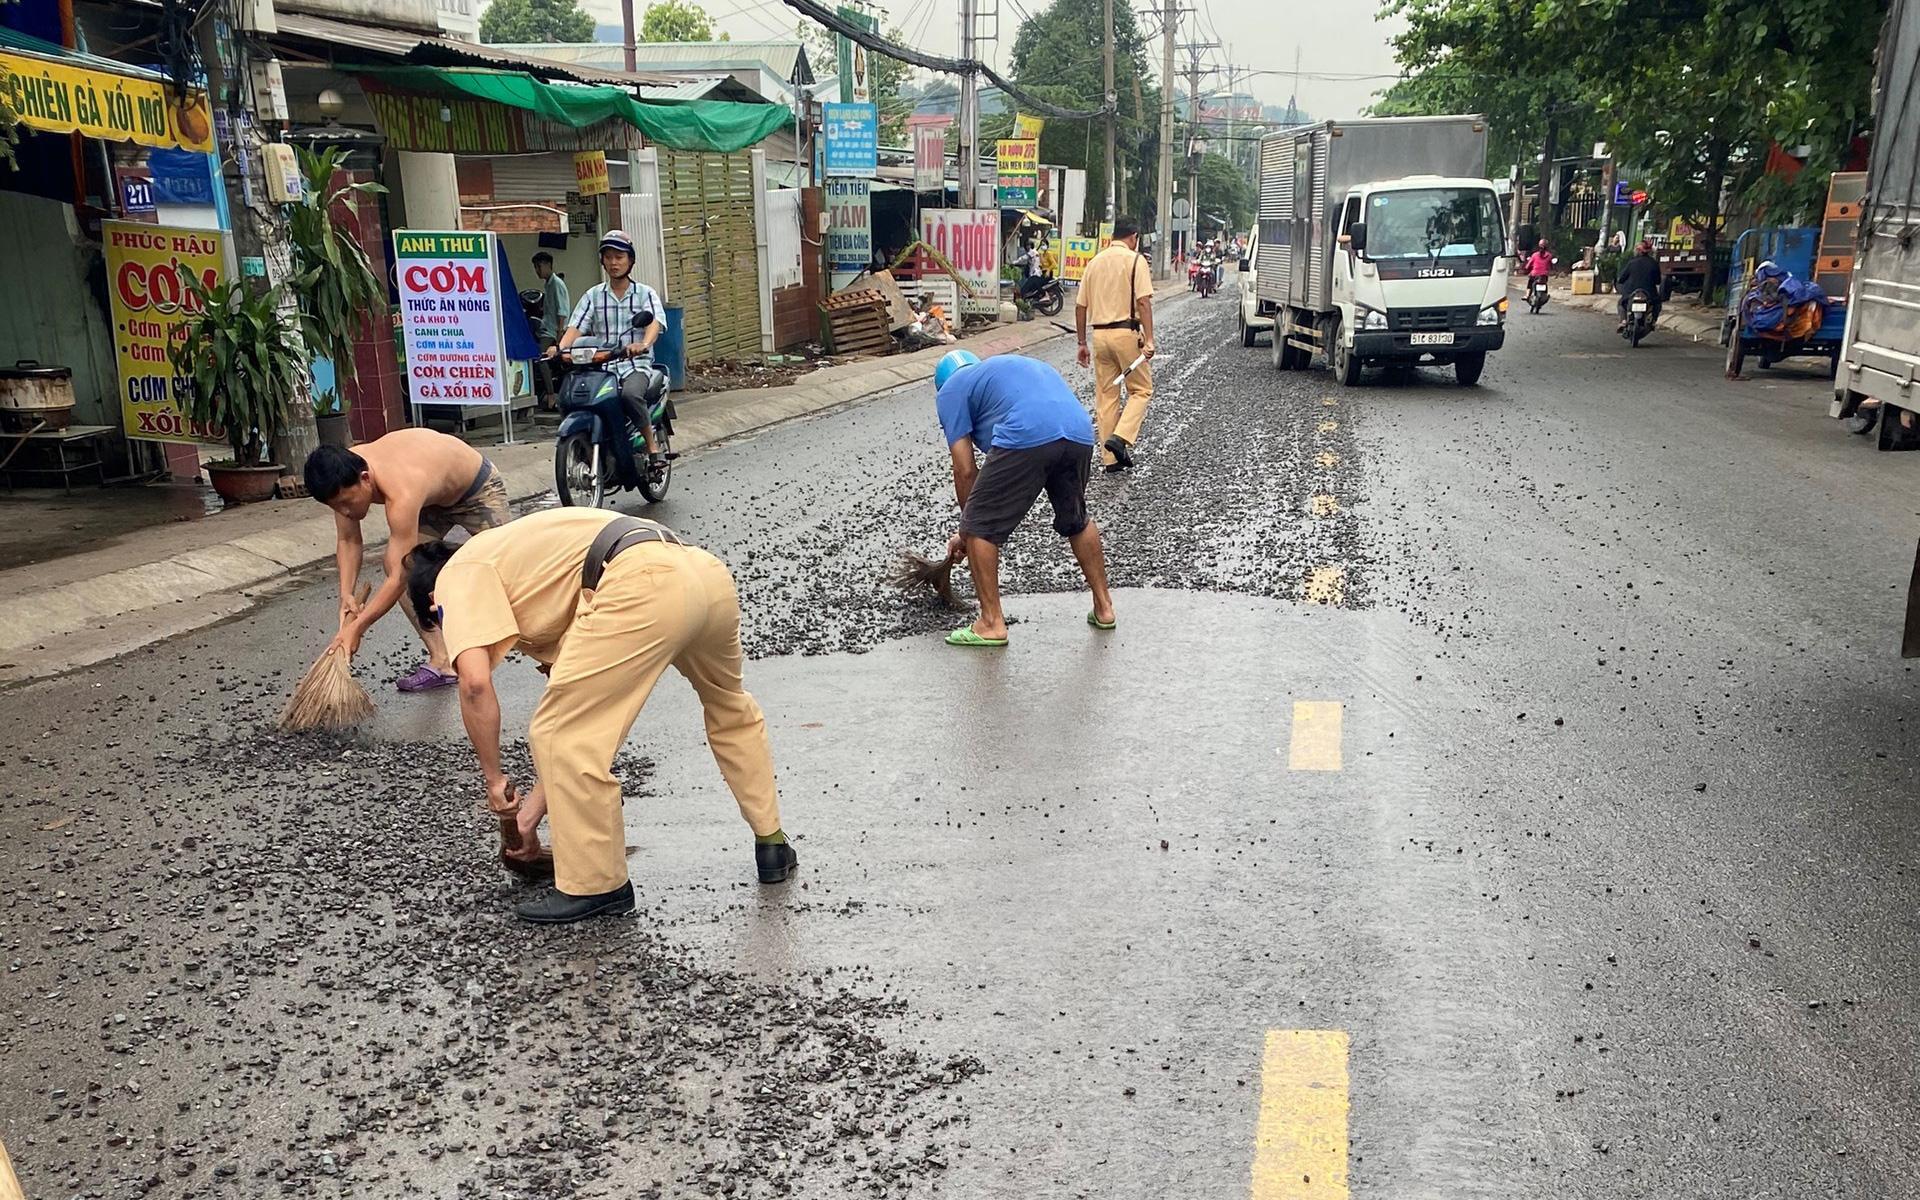 Xe chở đá rơi vãi trên đường, CSGT TP.HCM ra sức dọn dẹp Ảnh 1